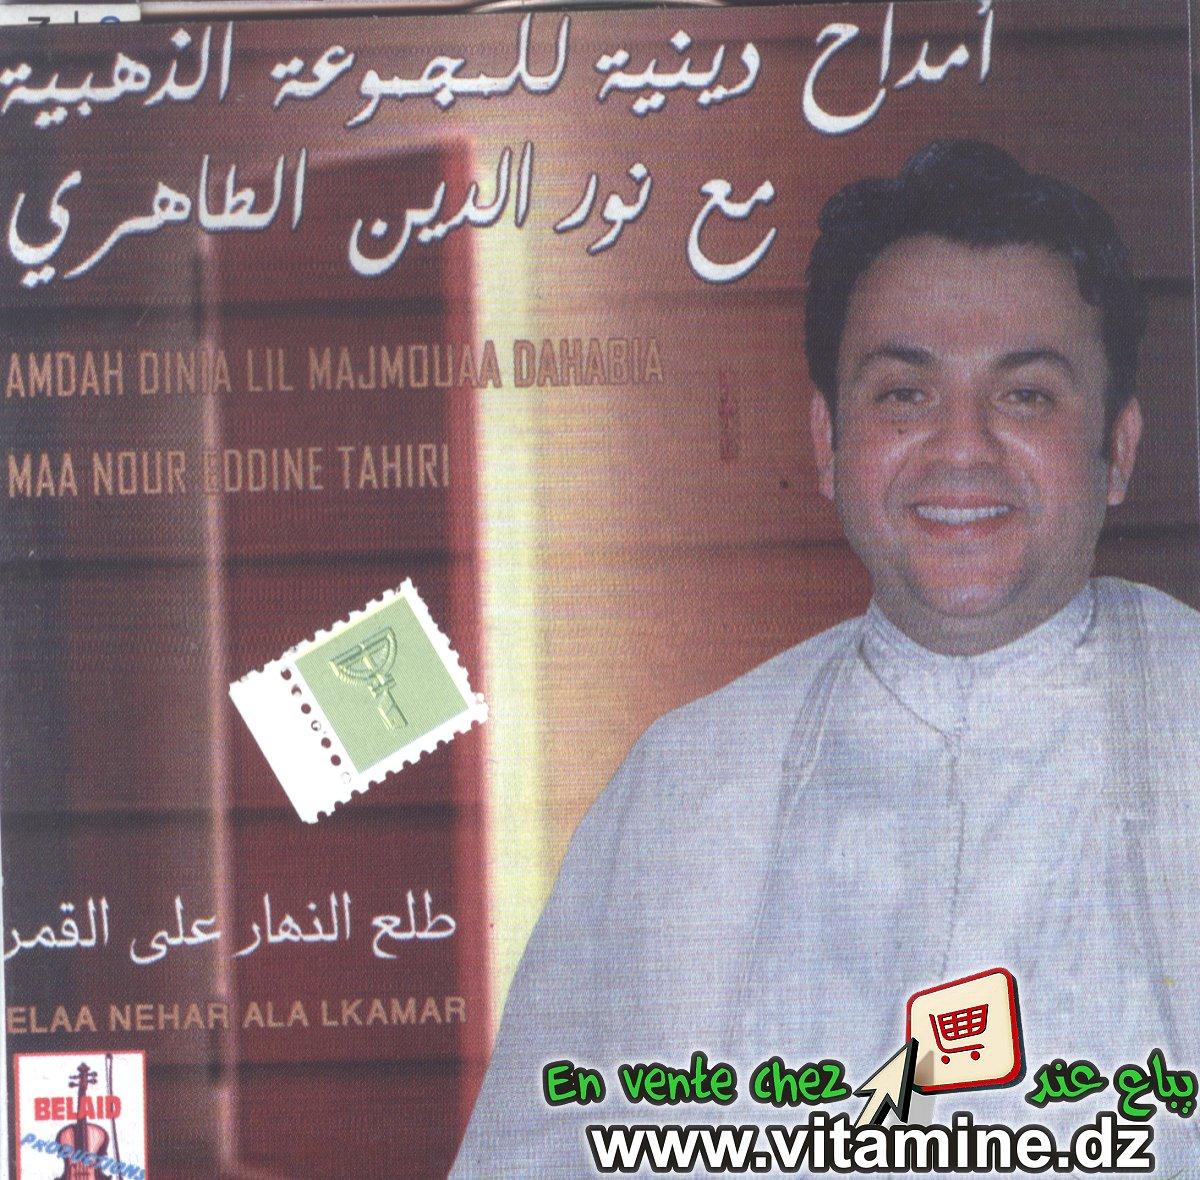 Groupe Dahabia avec Nour Eddine Tahiri - Telaa nehar ala lkamar